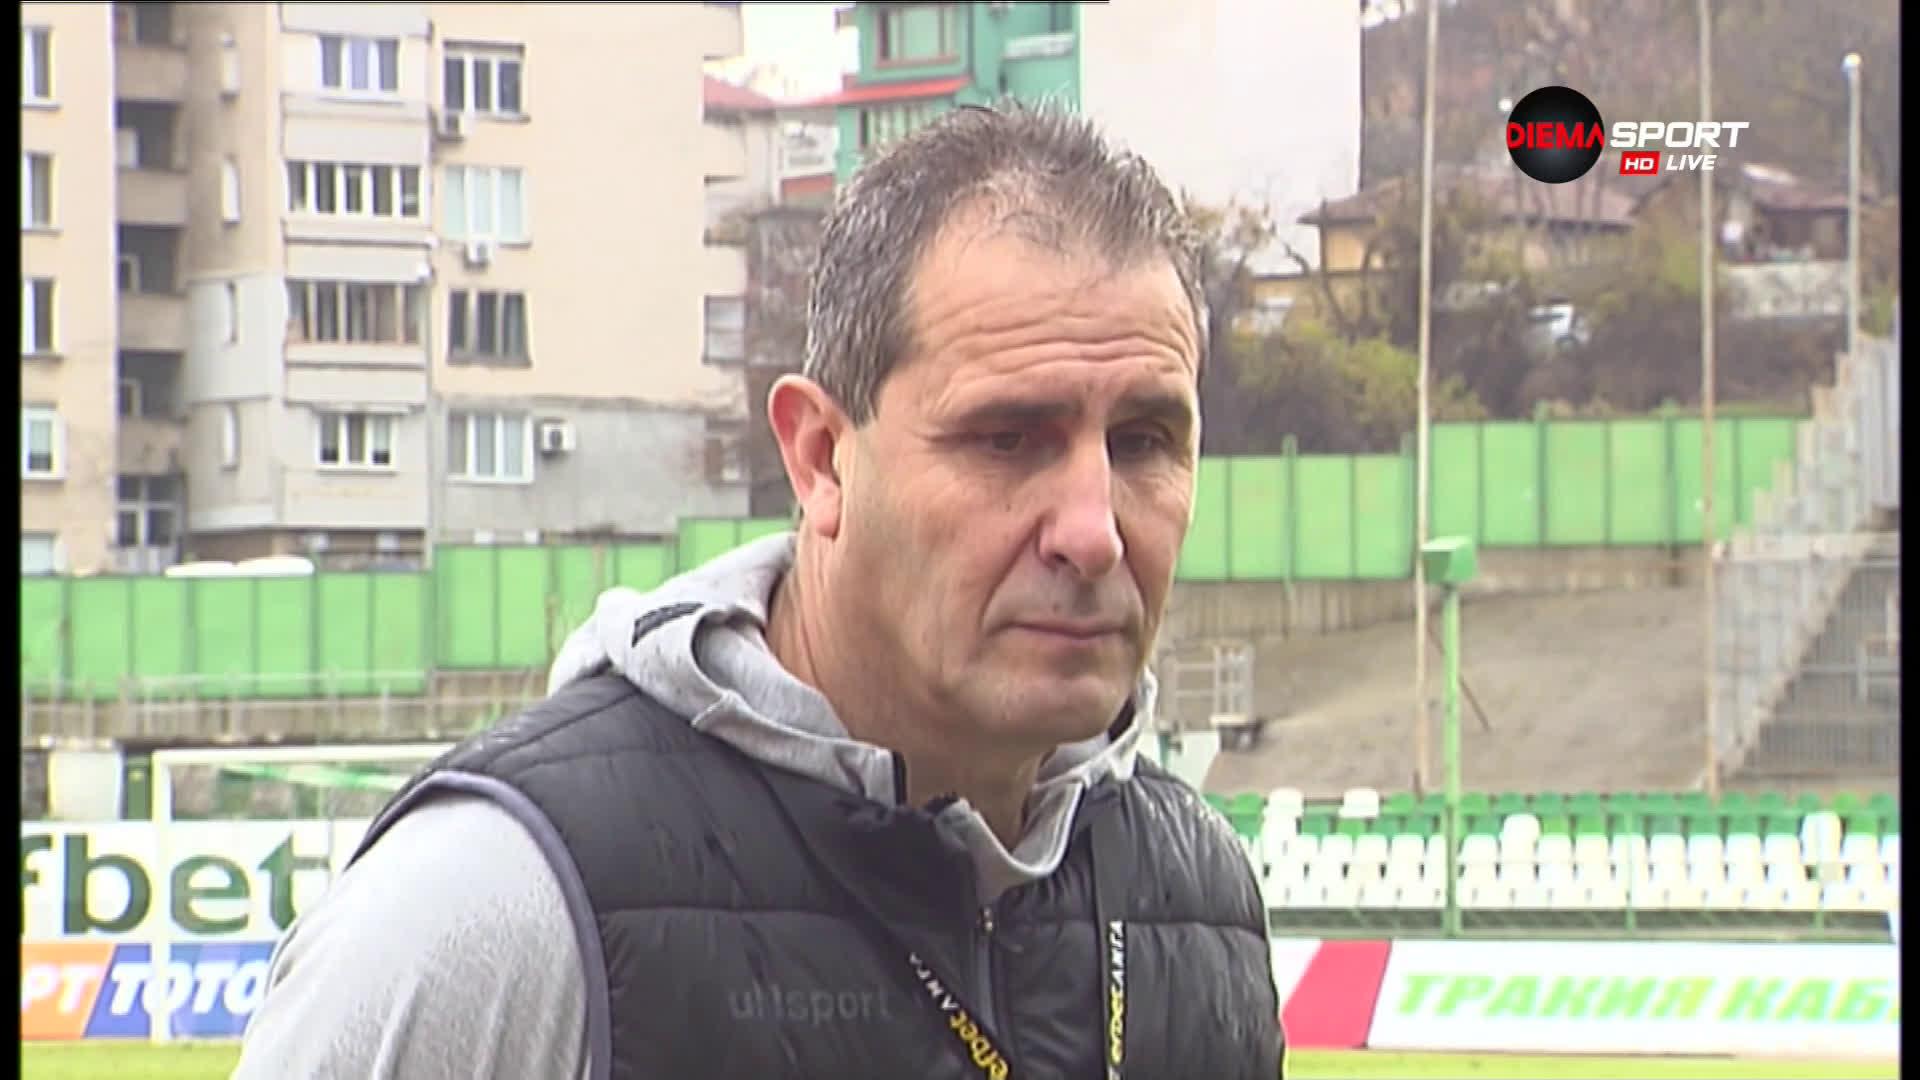 Херо: Щом Камбуров ни е най-добрият играч, значи има проблем